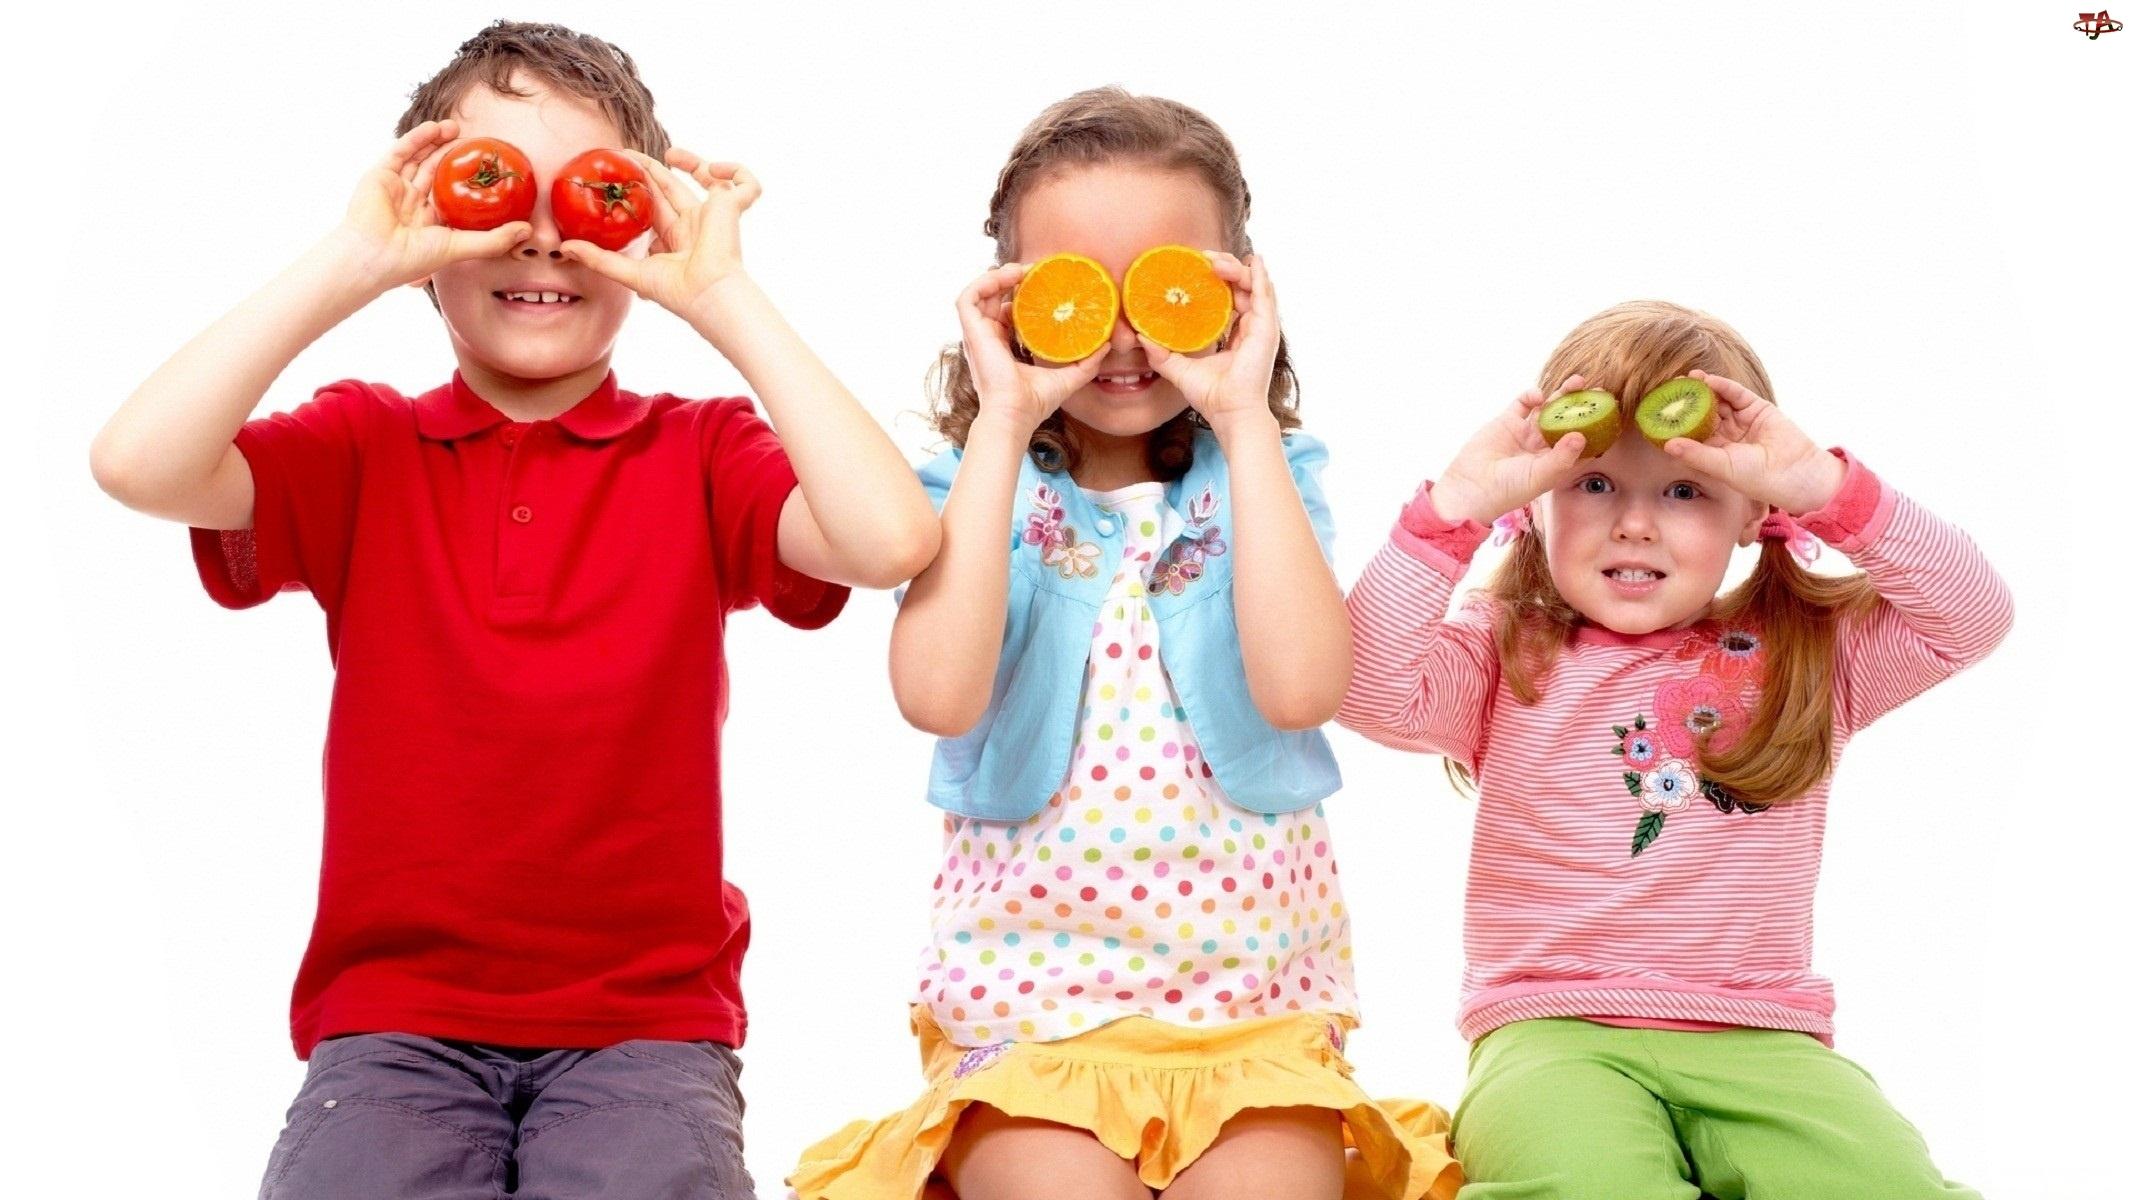 Owoce, Dzieci, Zakryte, Zabawa, Oczy